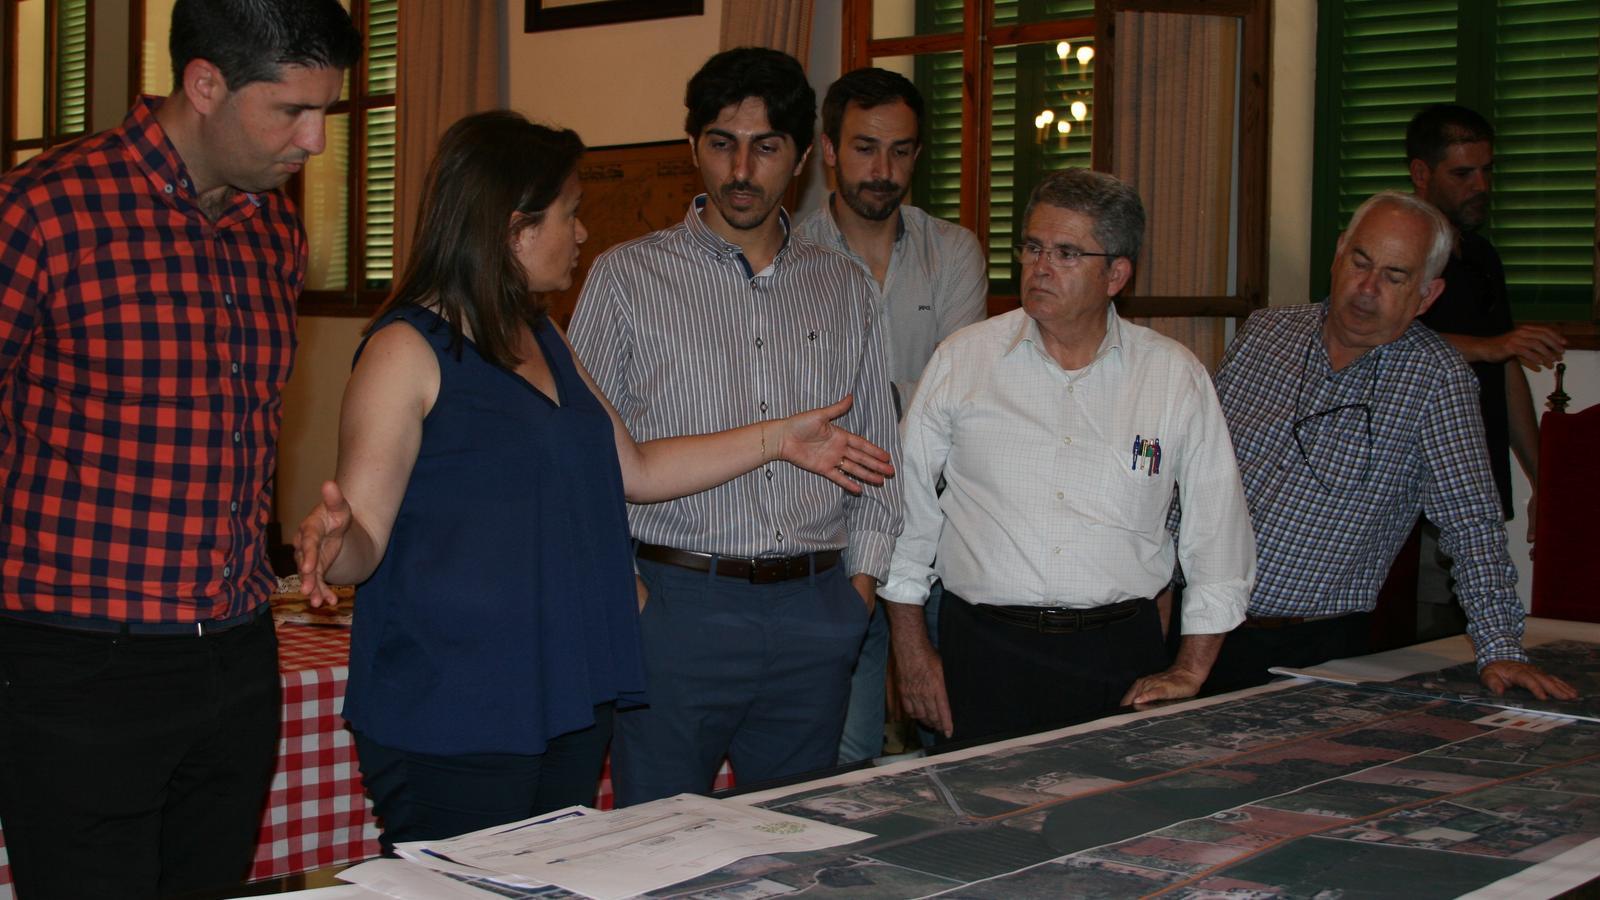 Garrido presentant un avanç del projecte viari el 8 de juny de 2016, vora el batle i regidors d'El Pi.